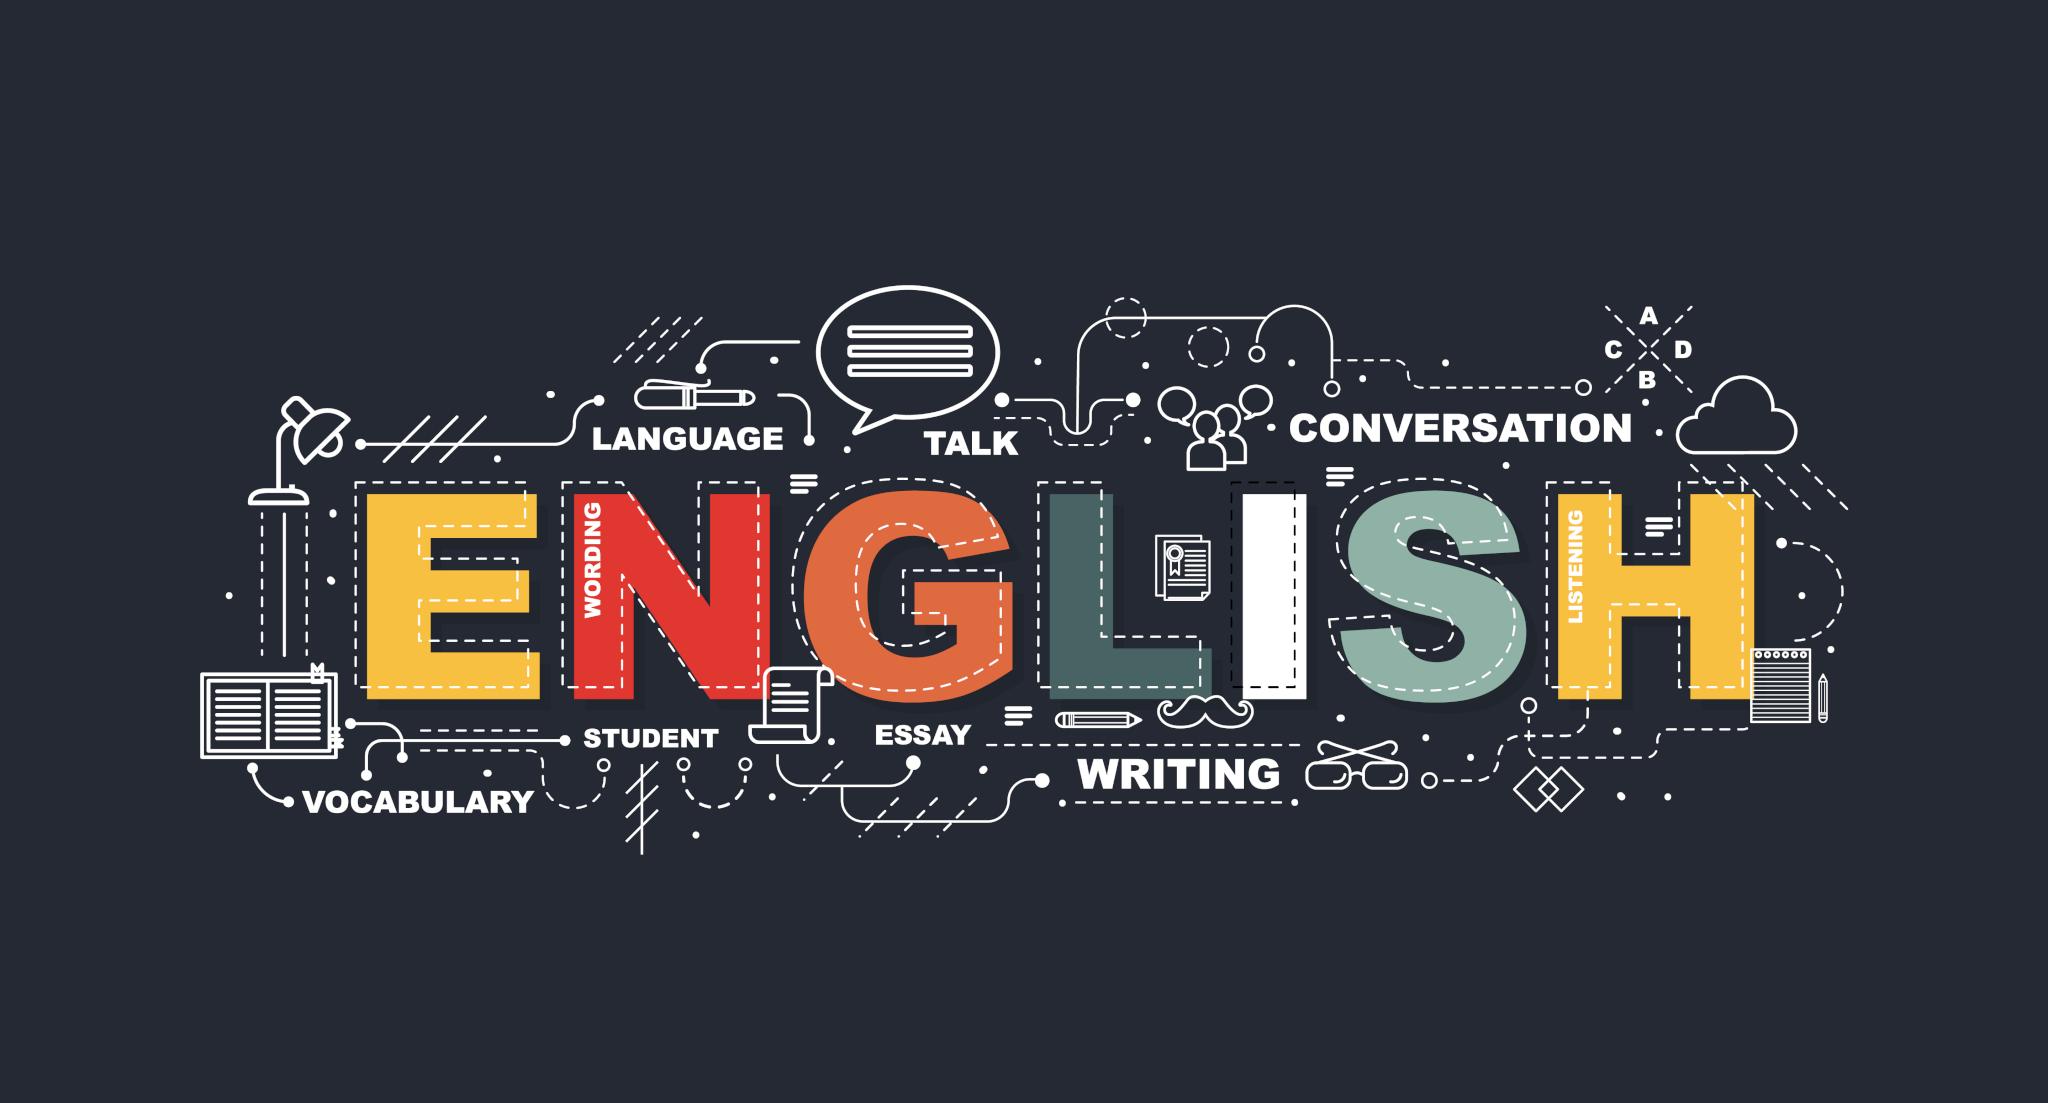 کاربرد زبان انگلیسی در علم آیتی و مدیریت